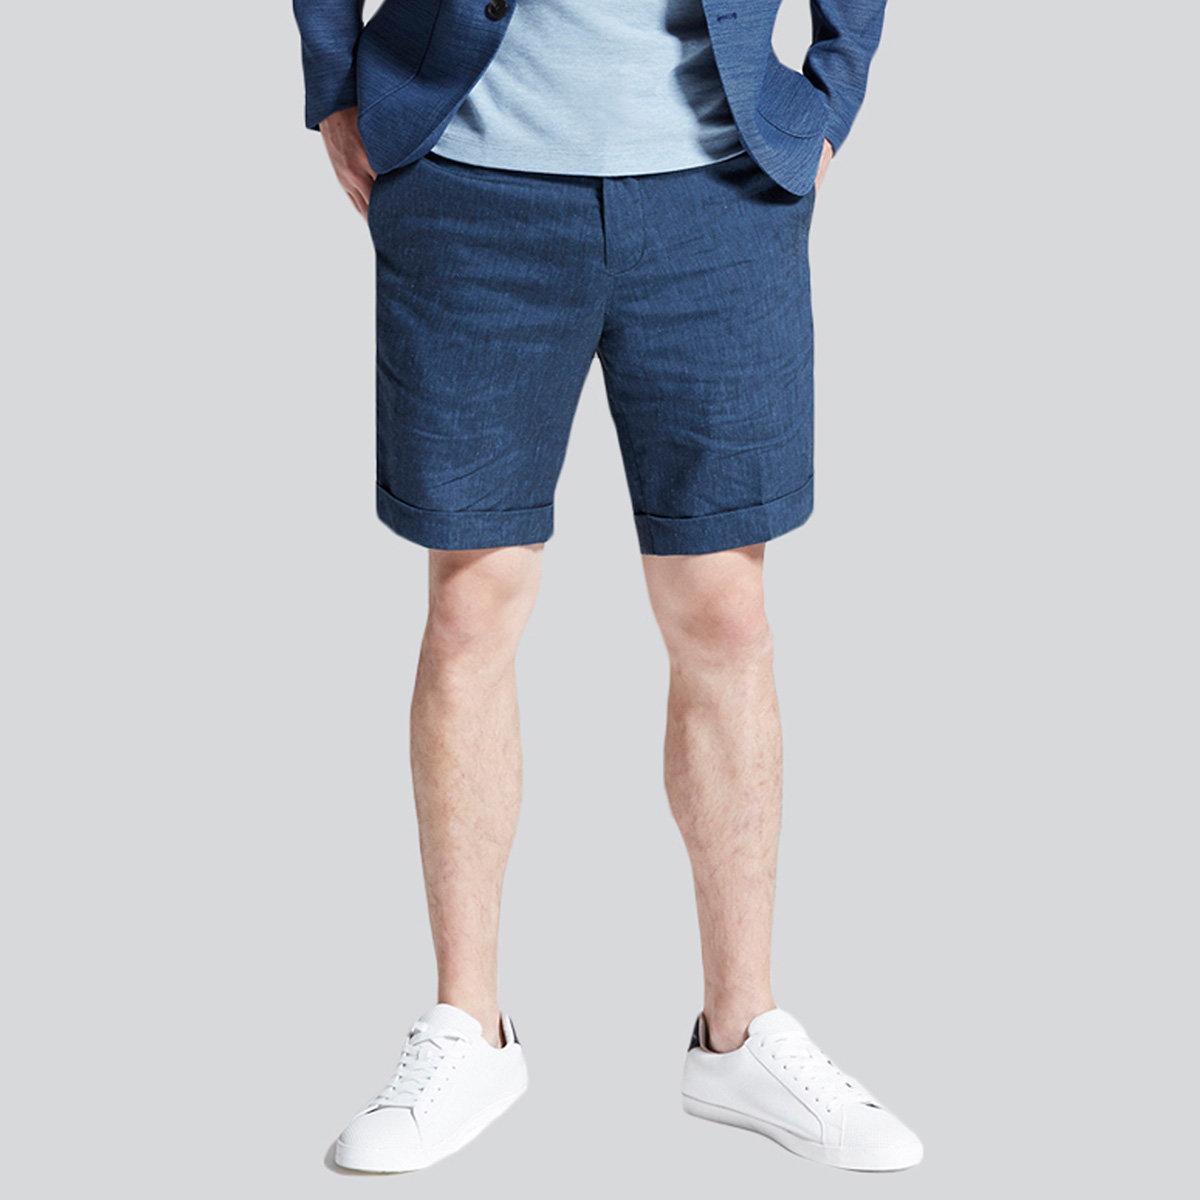 Men's Linen Blend Shorts (Dark Denim)